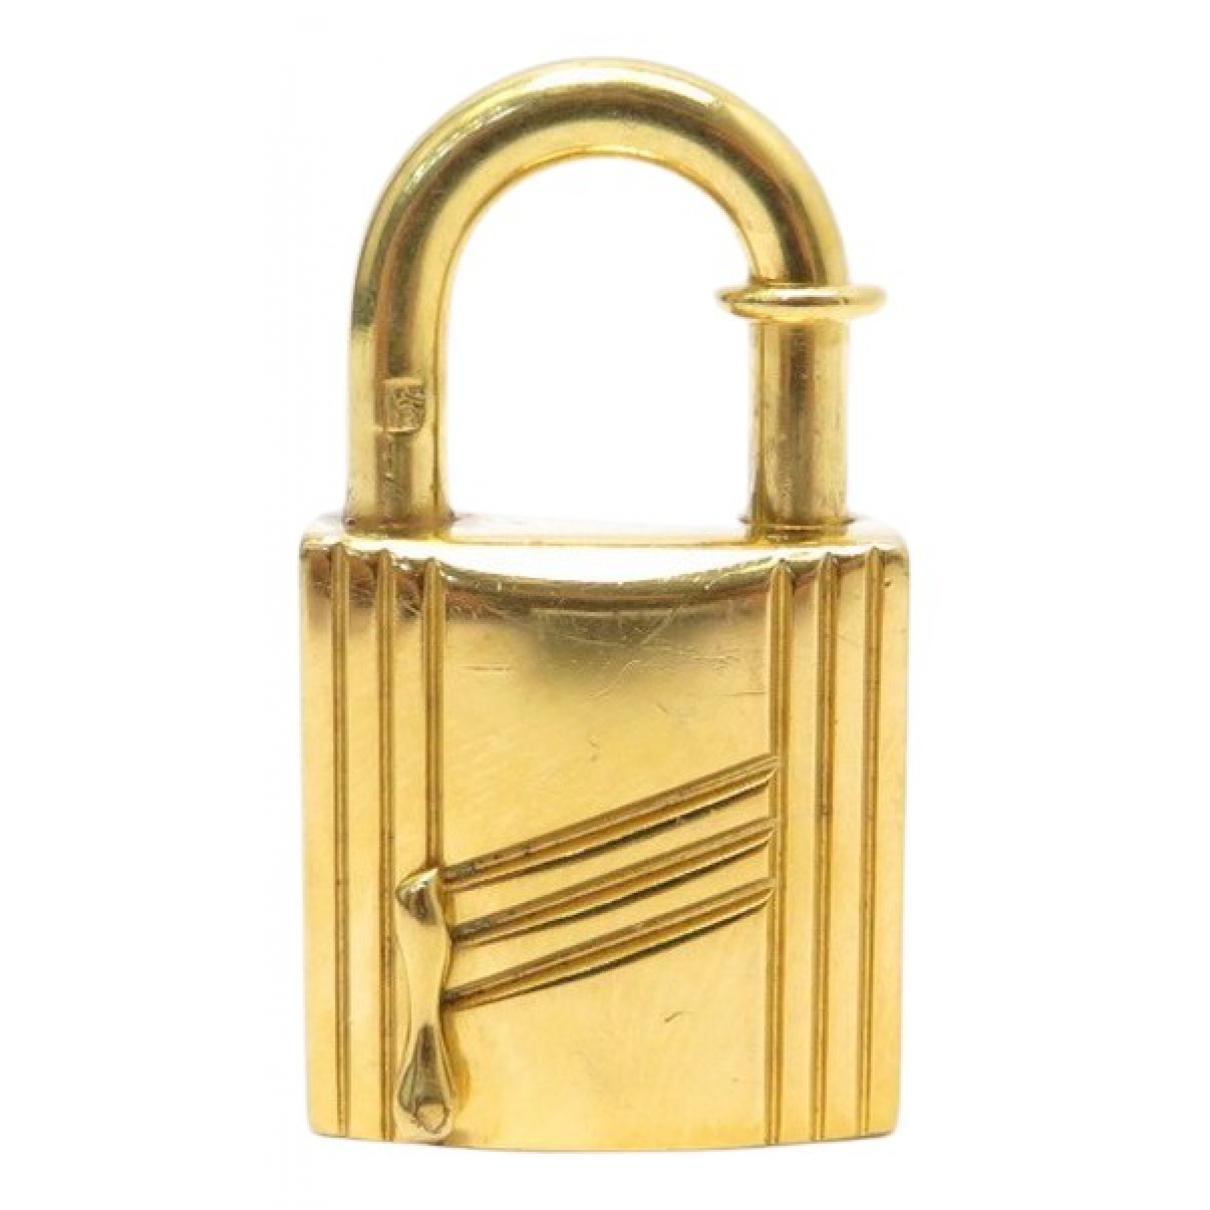 Hermes Cadenas Anhaenger in  Gold Metall